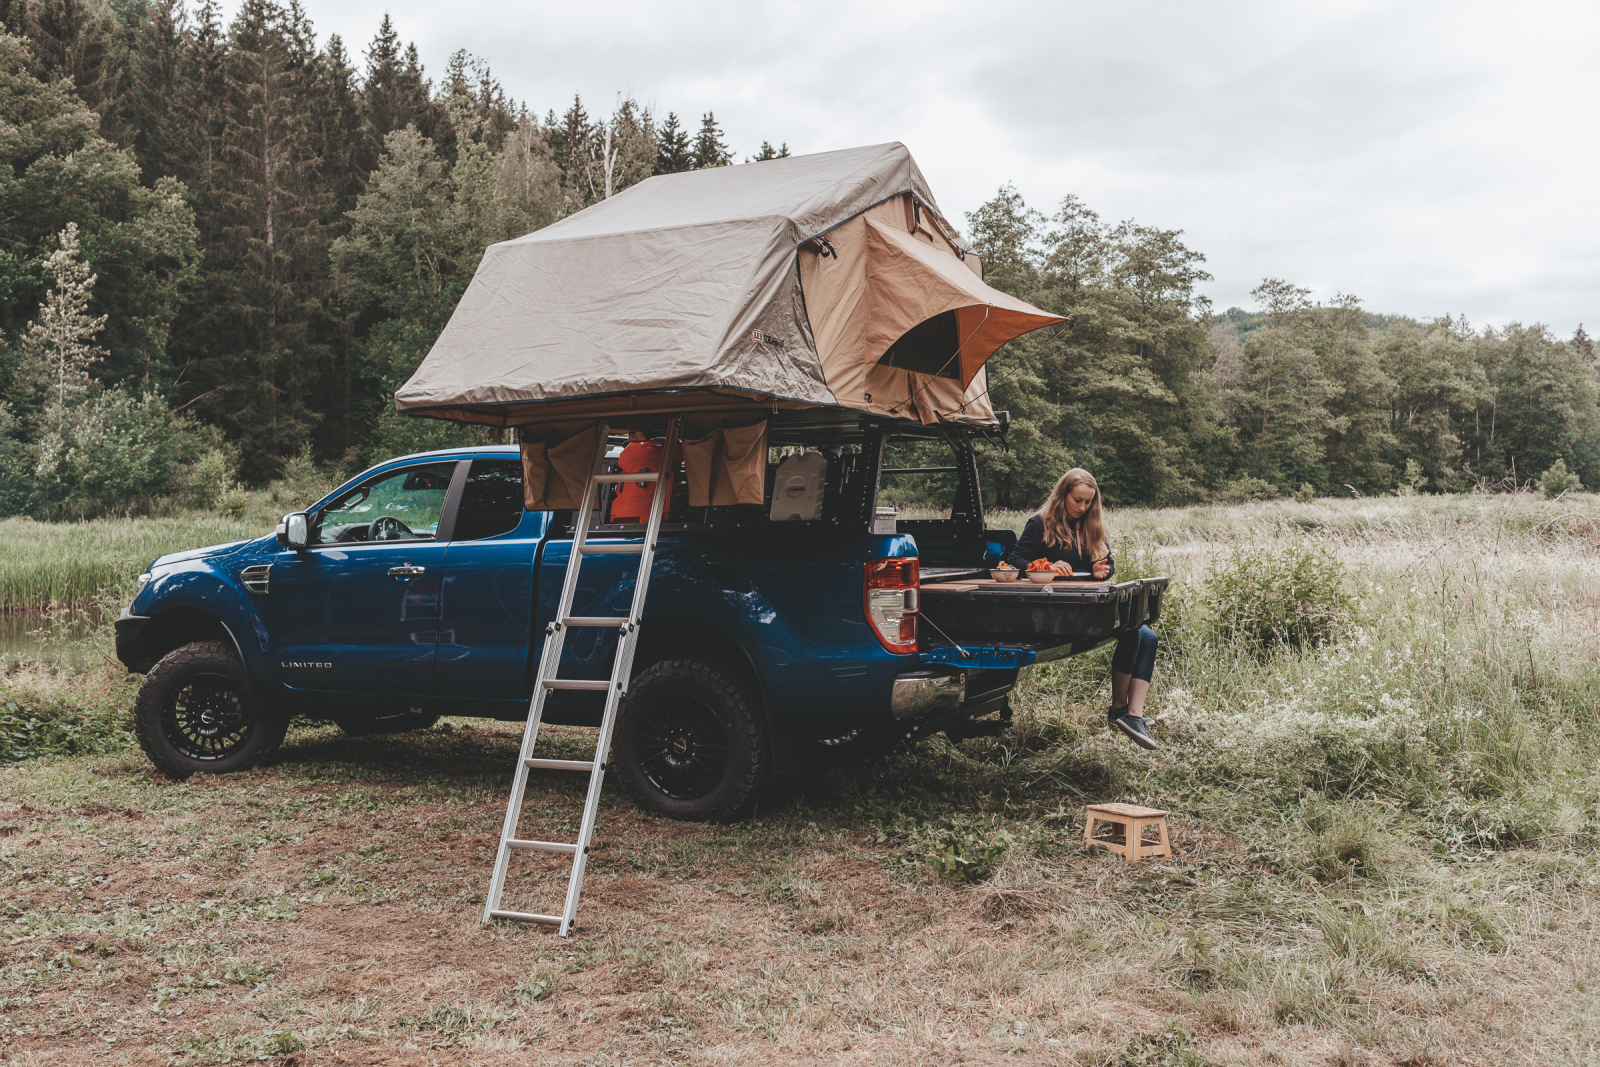 Trägersystem für Pick-ups - Gestern noch auf der Baustelle, heute im Camping-Modus.